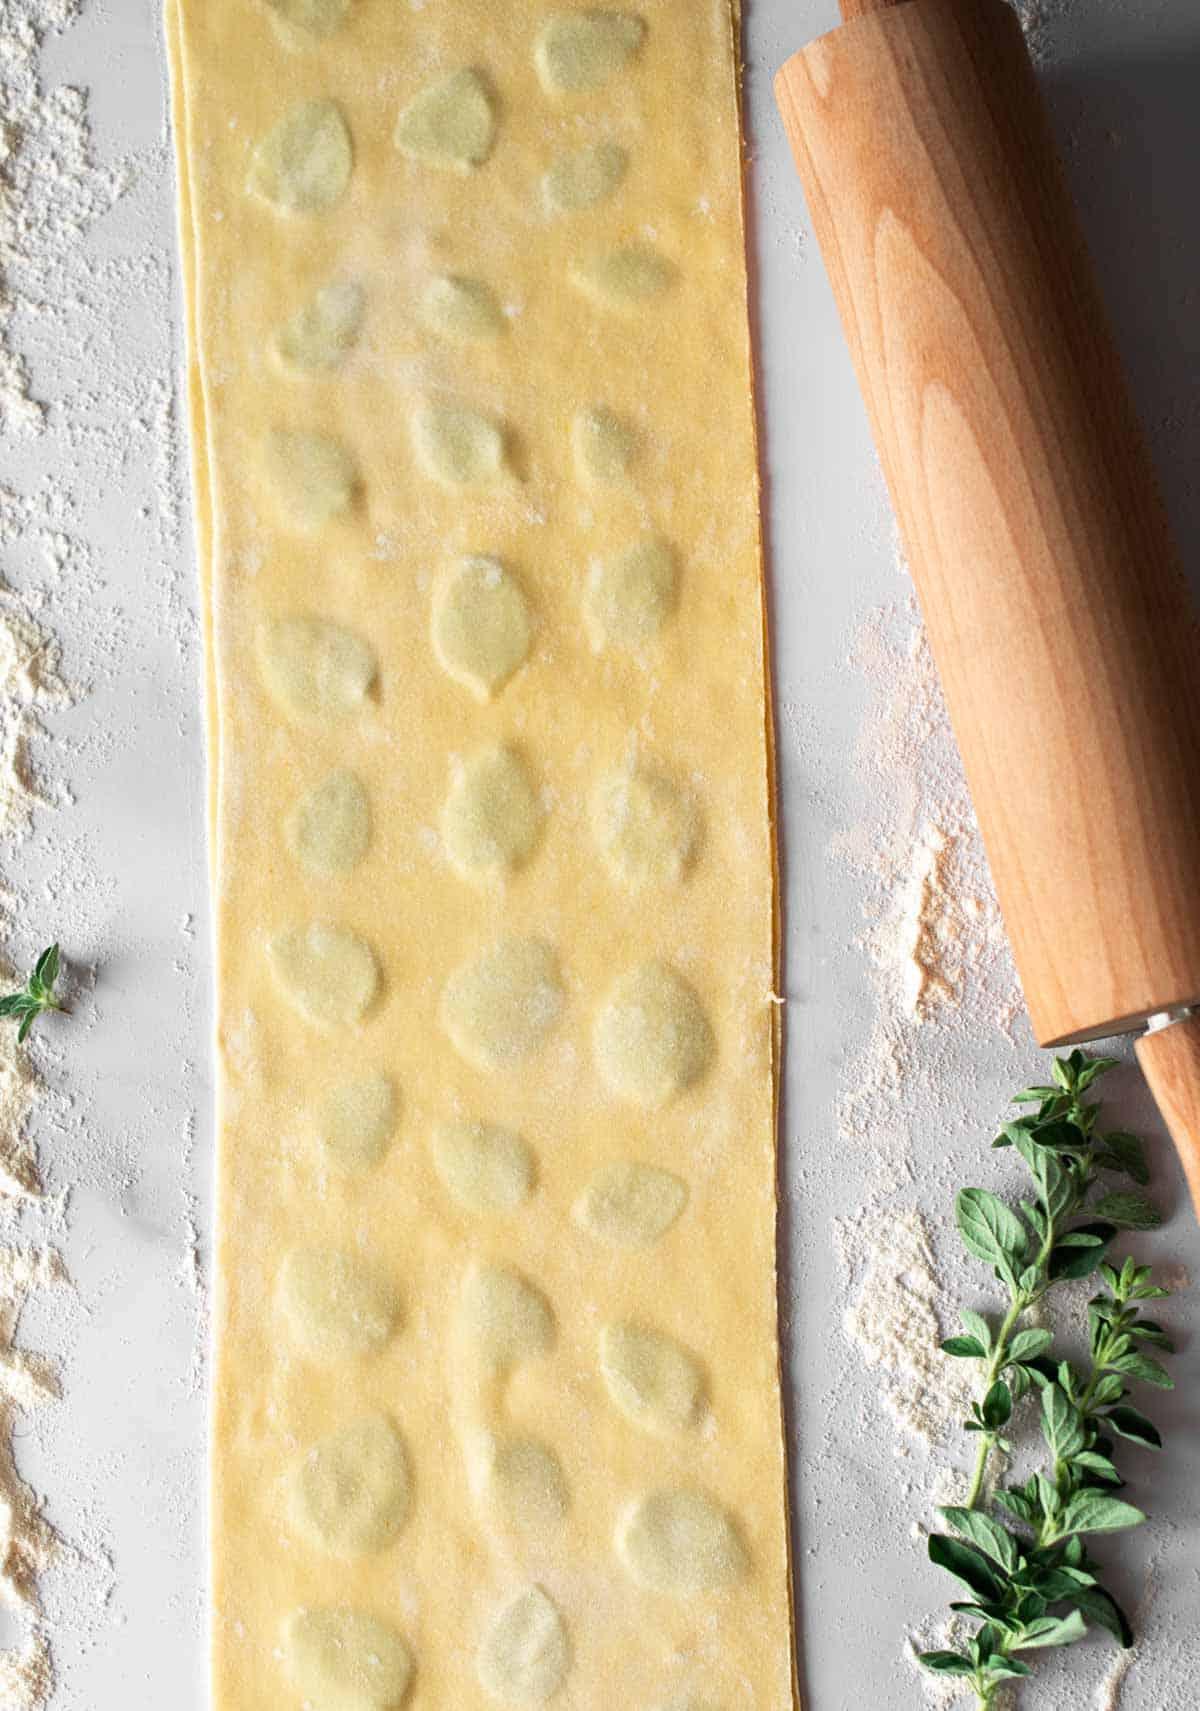 Image: vegan laminated pasta